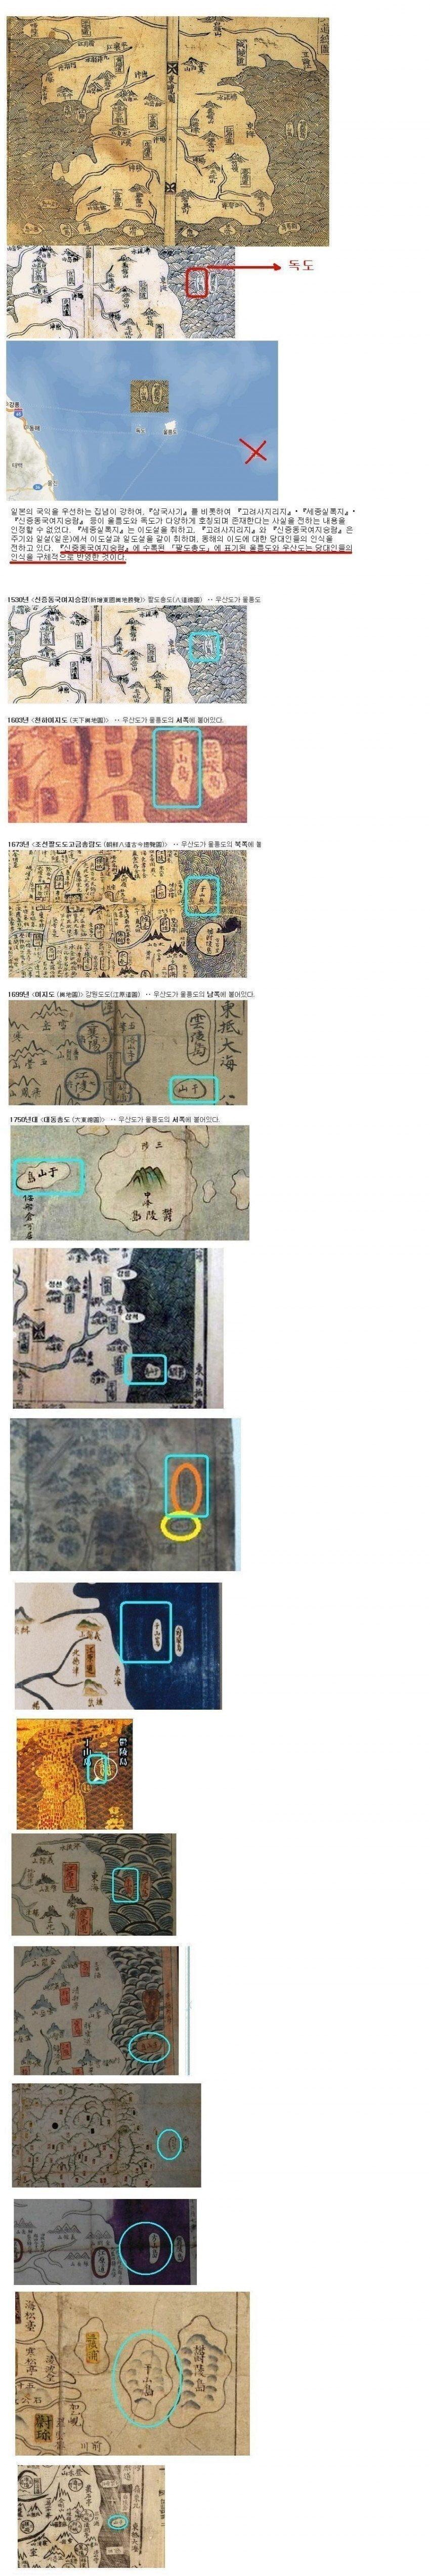 viewimage.php?id=25b8dc2aeedd2aa36f&no=24b0d769e1d32ca73ceb86fa11d02831eebc6c37c2fa034916fac403202405e2dd01ef055fa239274608139ad97bf74ac9b9f05565c9adce6aa63e0366c8379983be98c63608bfe14e7c9635